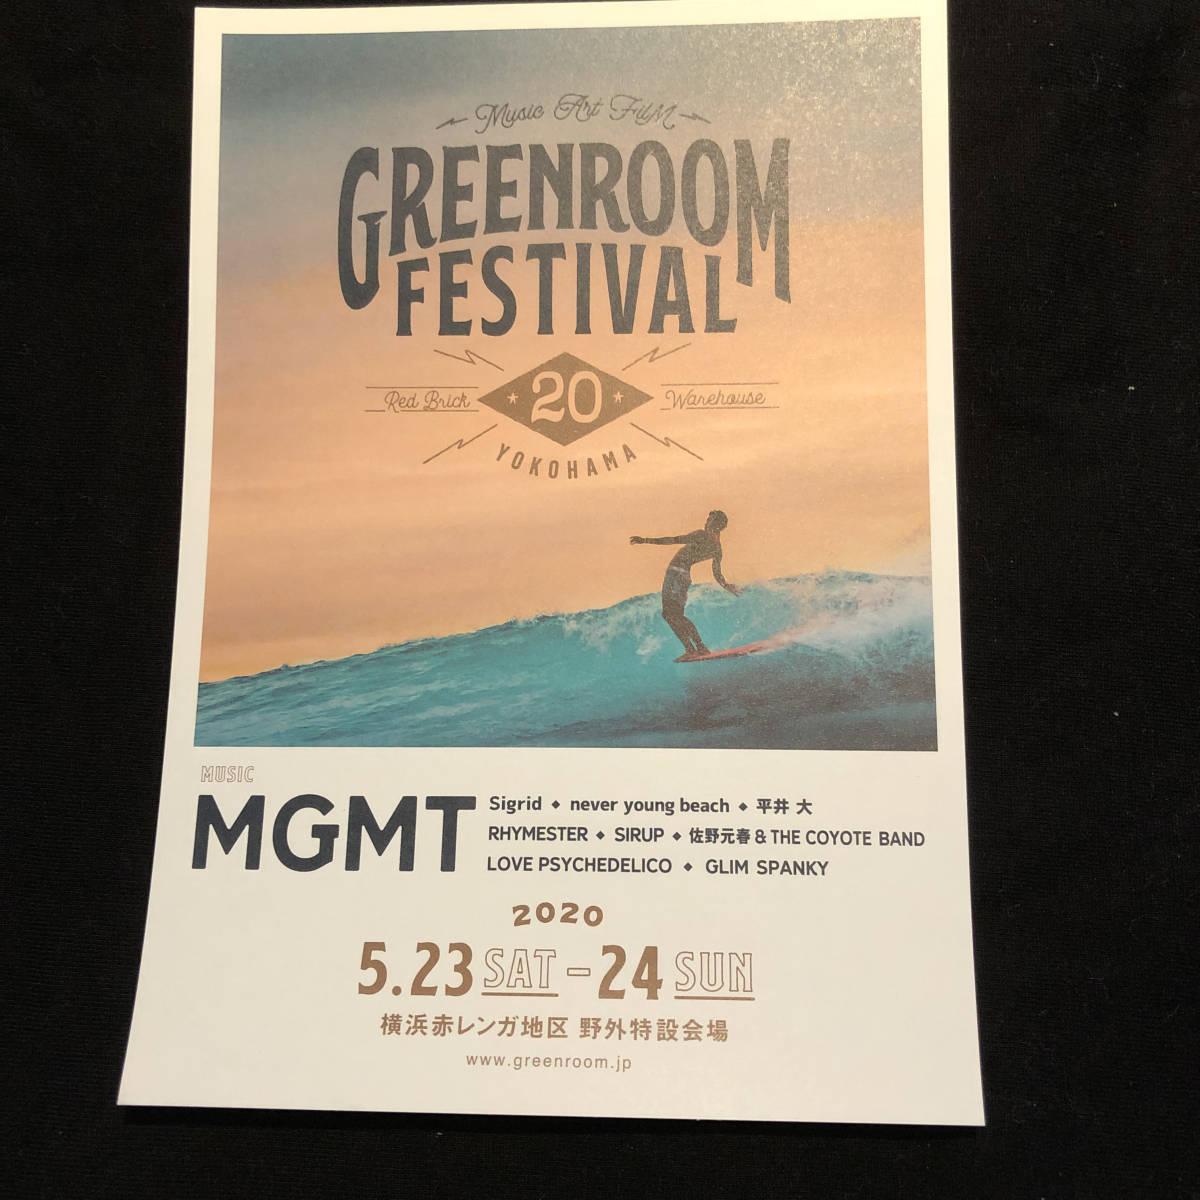 フェスチラシ★ Greenroom Festival 2020_画像1